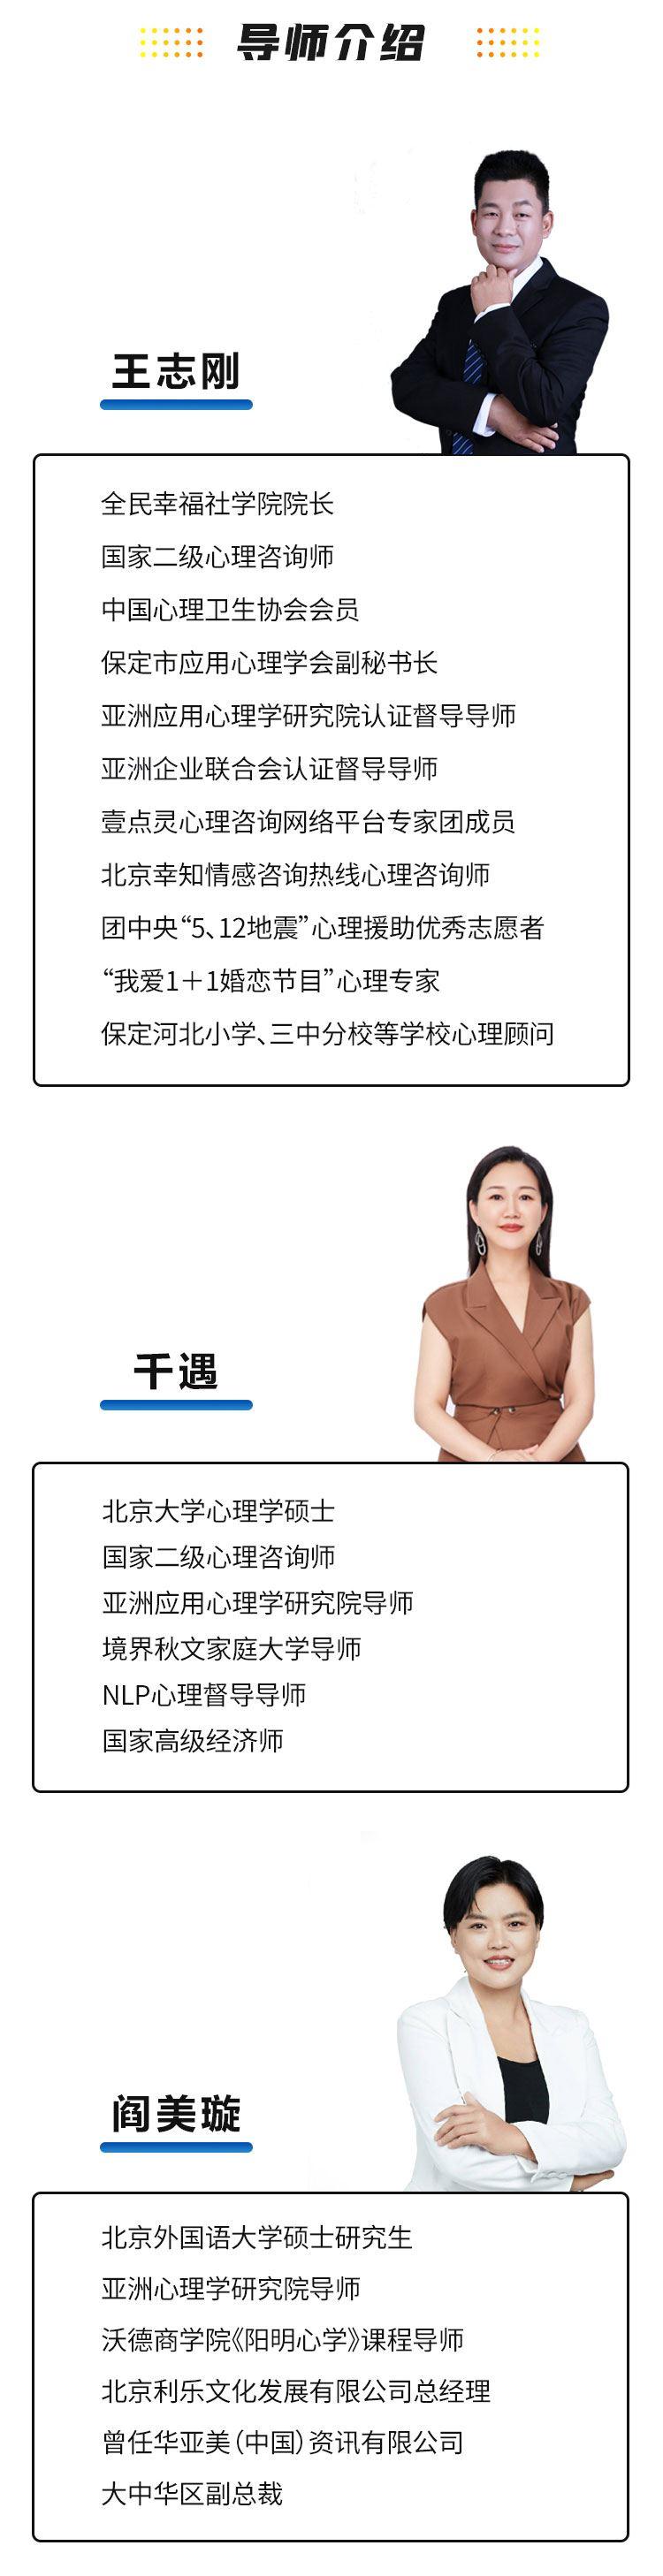 线上读书会_05.jpg